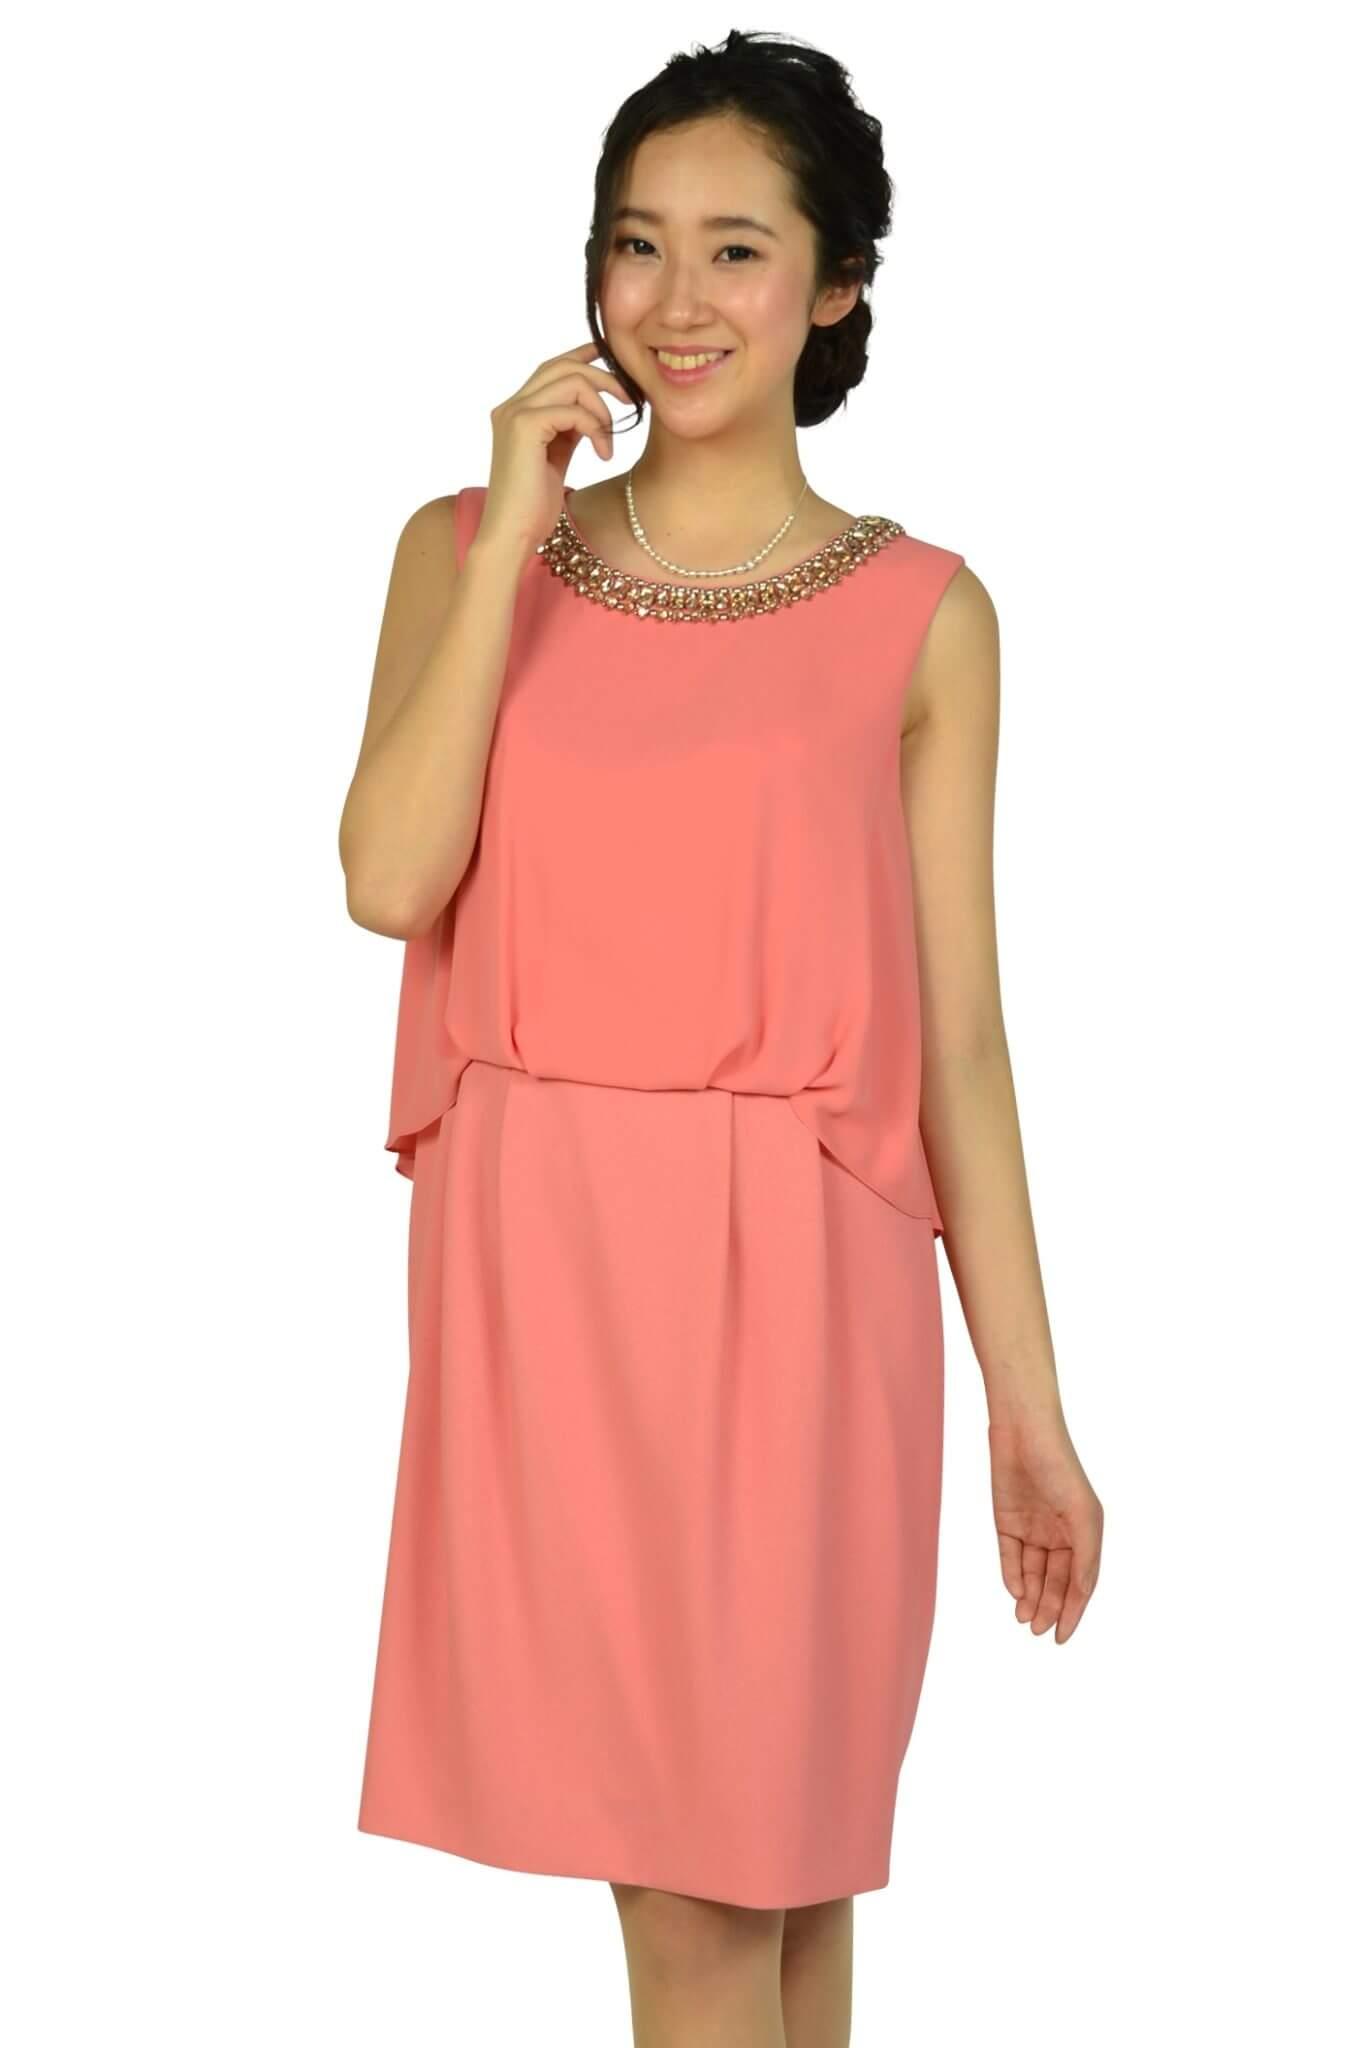 インディヴィ(INDIVI) シンプルビジュコーラルオレンジドレス